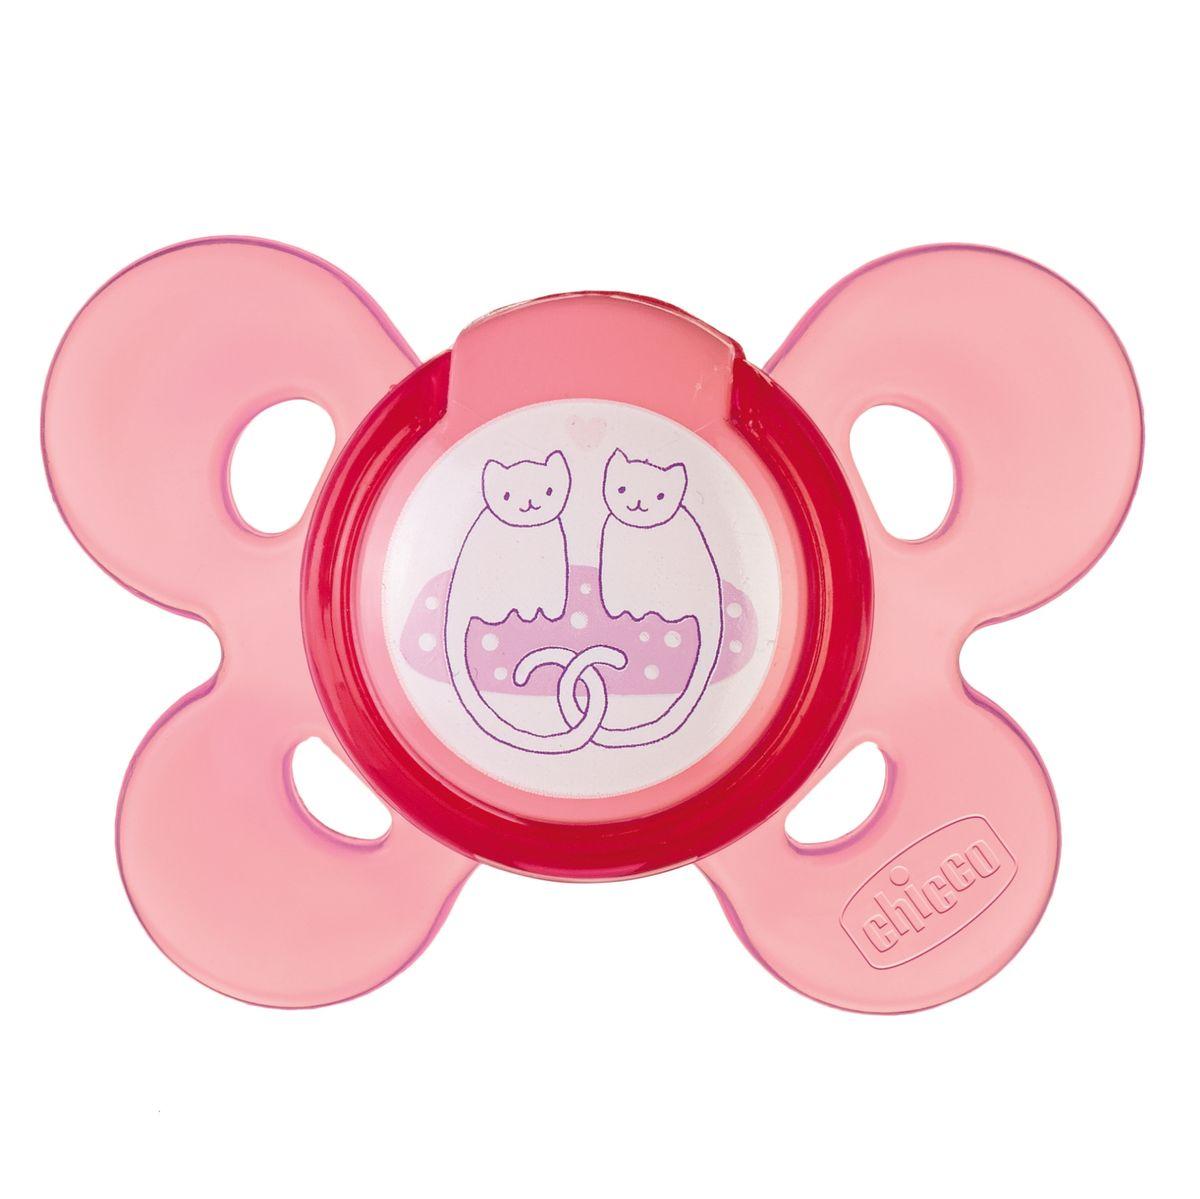 Chicco Пустышка силиконовая Котики от 6 до 12 месяцев310410127Воздух свободно циркулирует между кожей ребенка и пустышкой